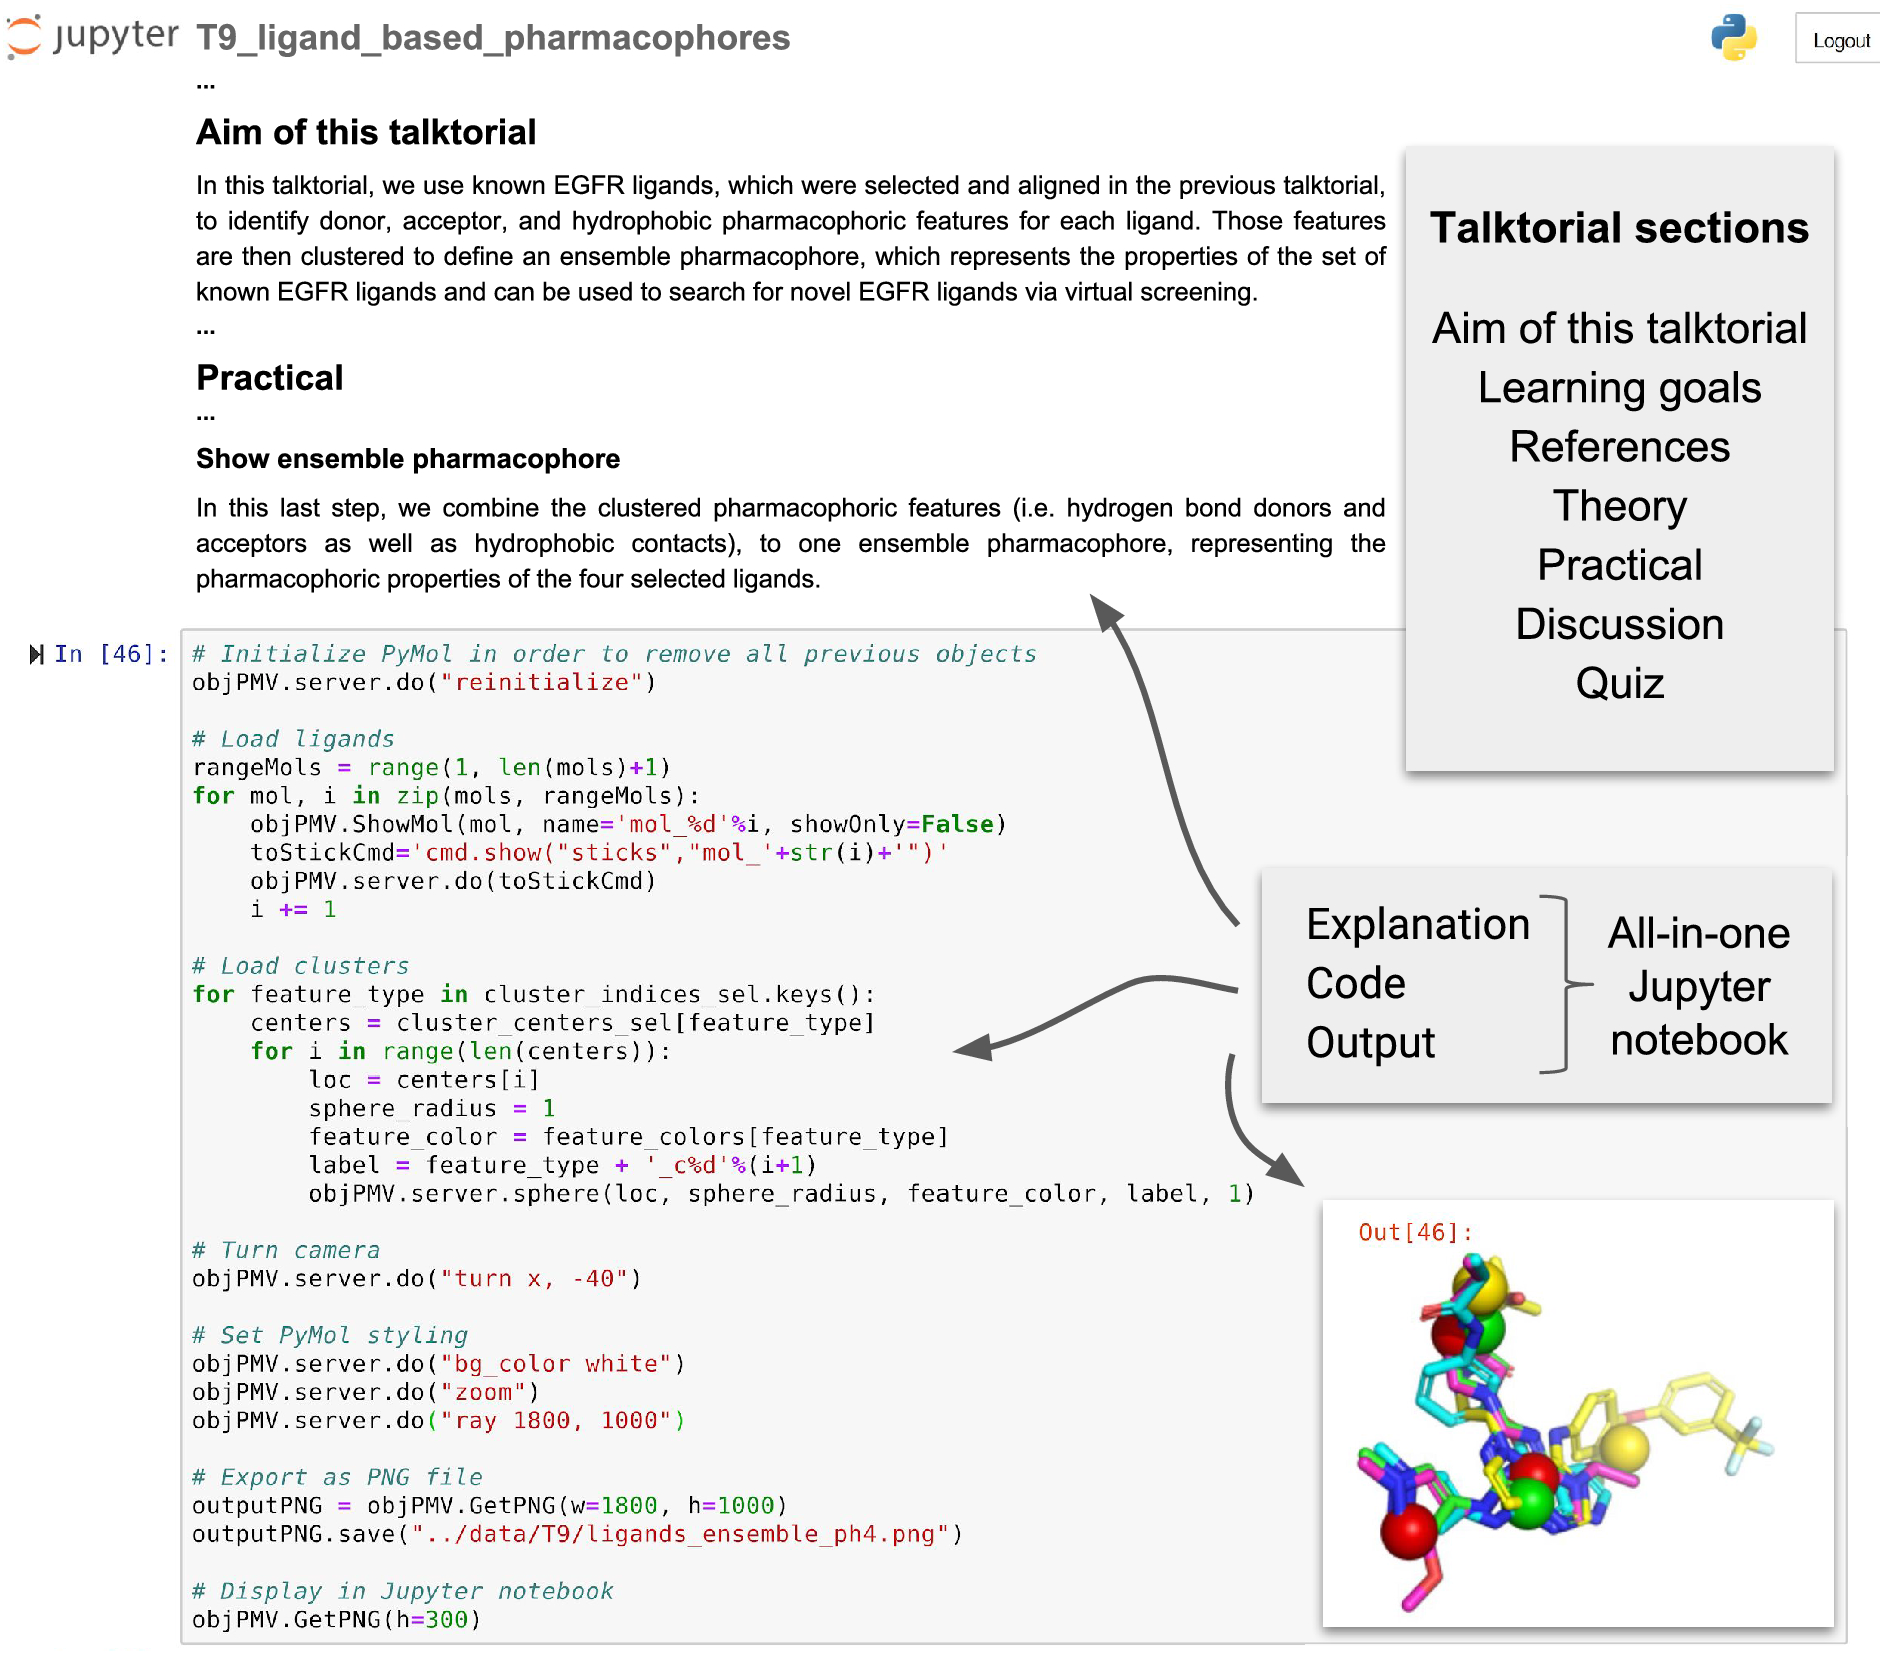 TeachOpenCADD: a teaching platform for computer-aided drug